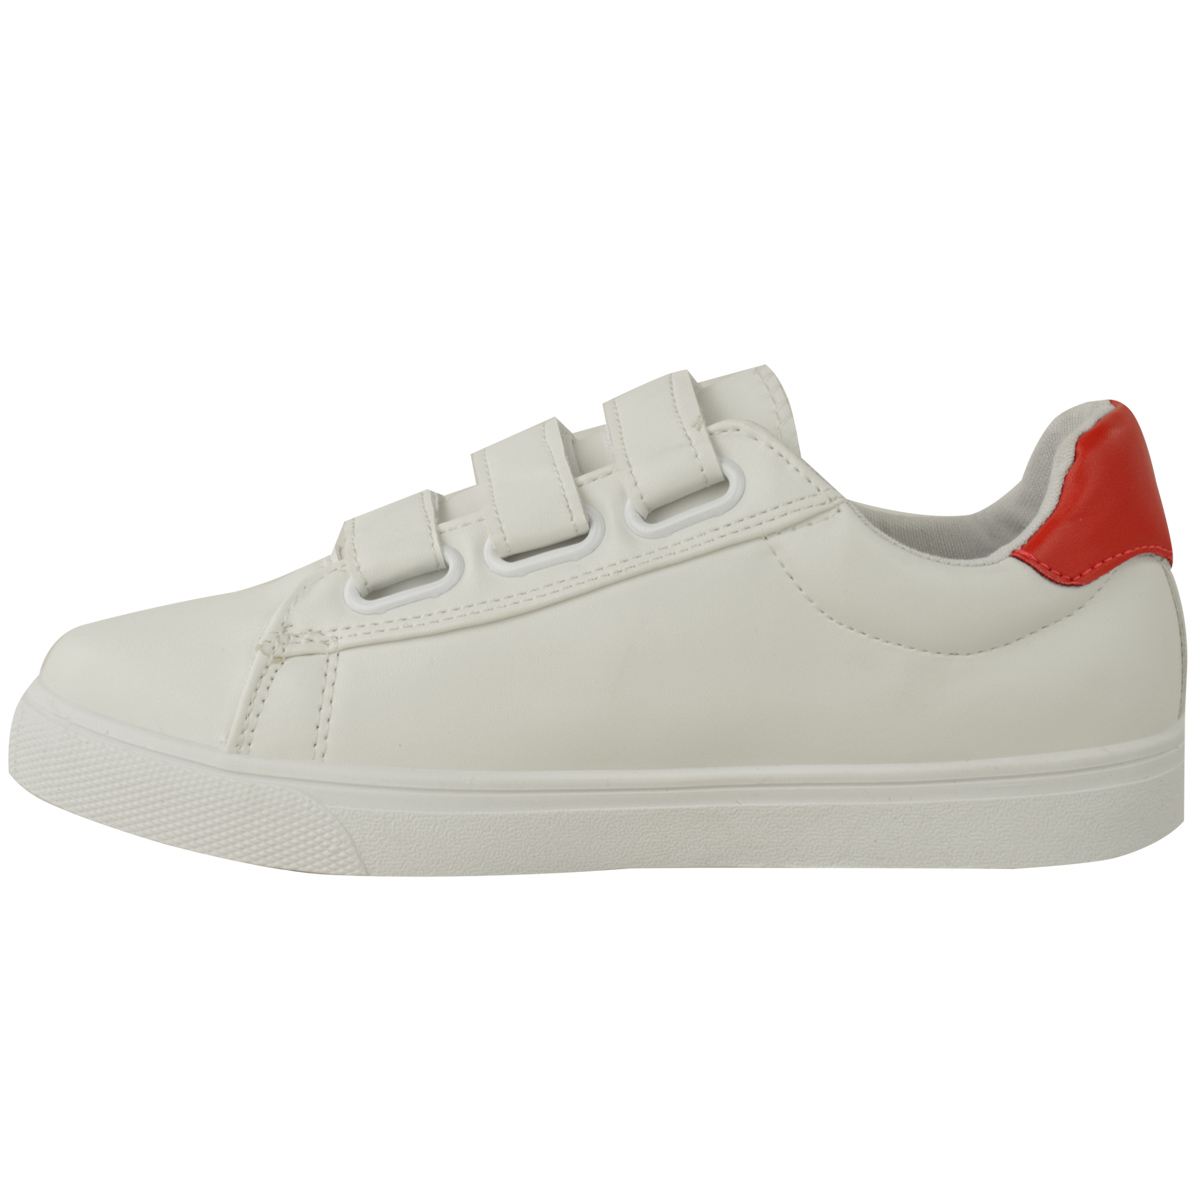 purchase cheap e2af7 cd162 zapatillas vercro mujer,Nike Shox R3 Velcro Negro para mujer p煤rpura  zapatillas mujer con velcro